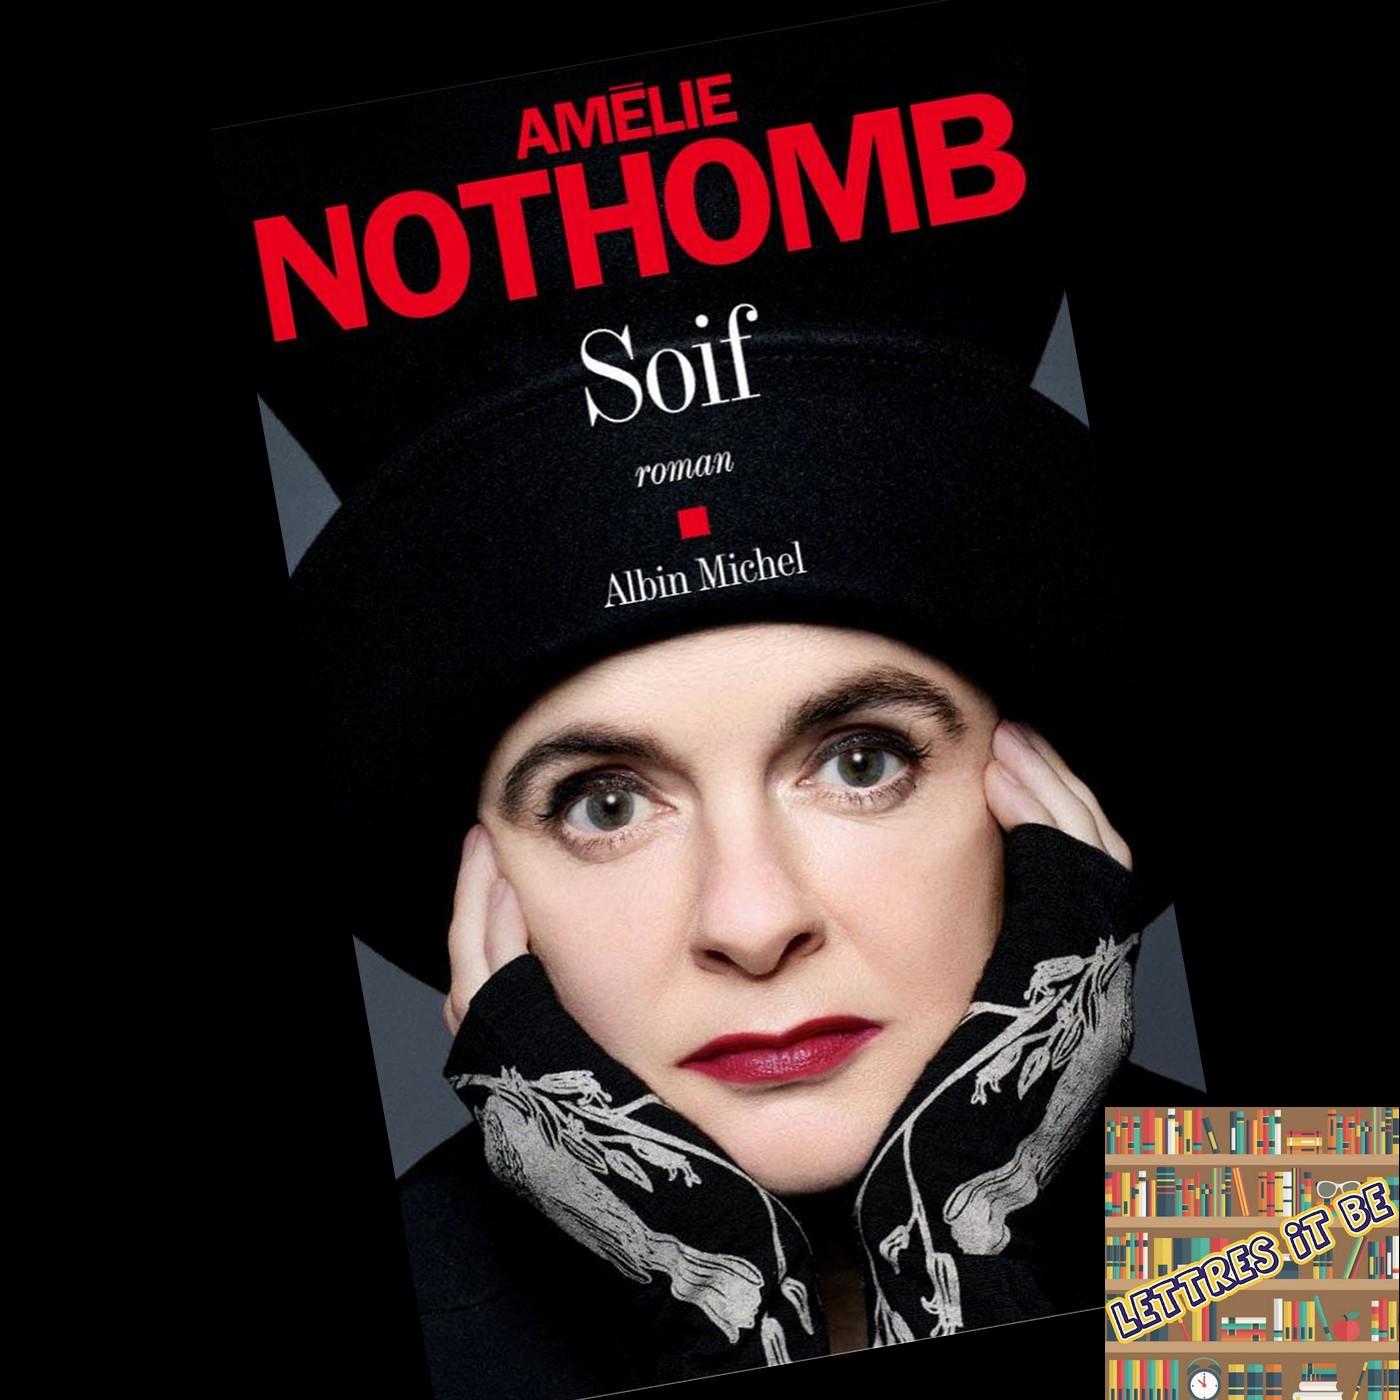 Critique de Soif d'Amélie Nothomb (Livre)